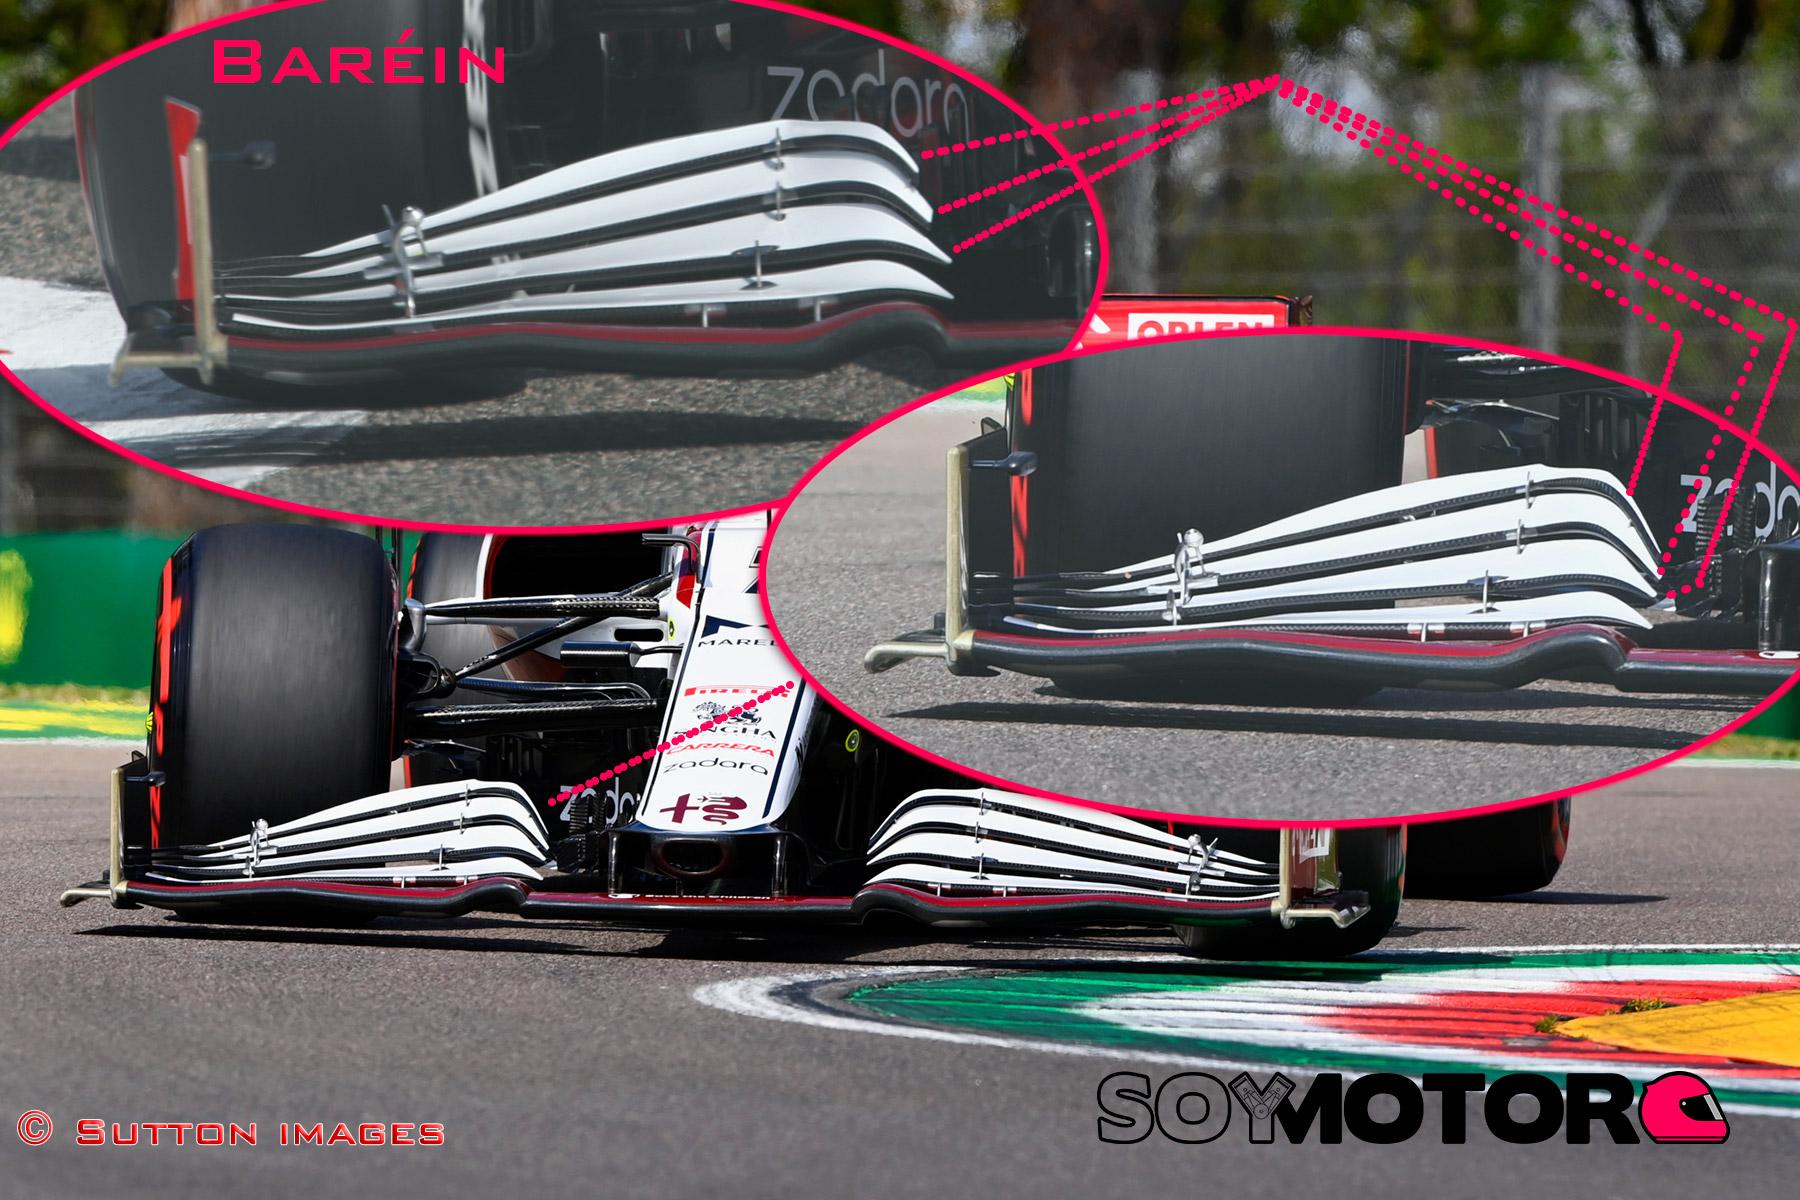 alfa-romeo-nueva-ala-delantera-soymotor.jpg